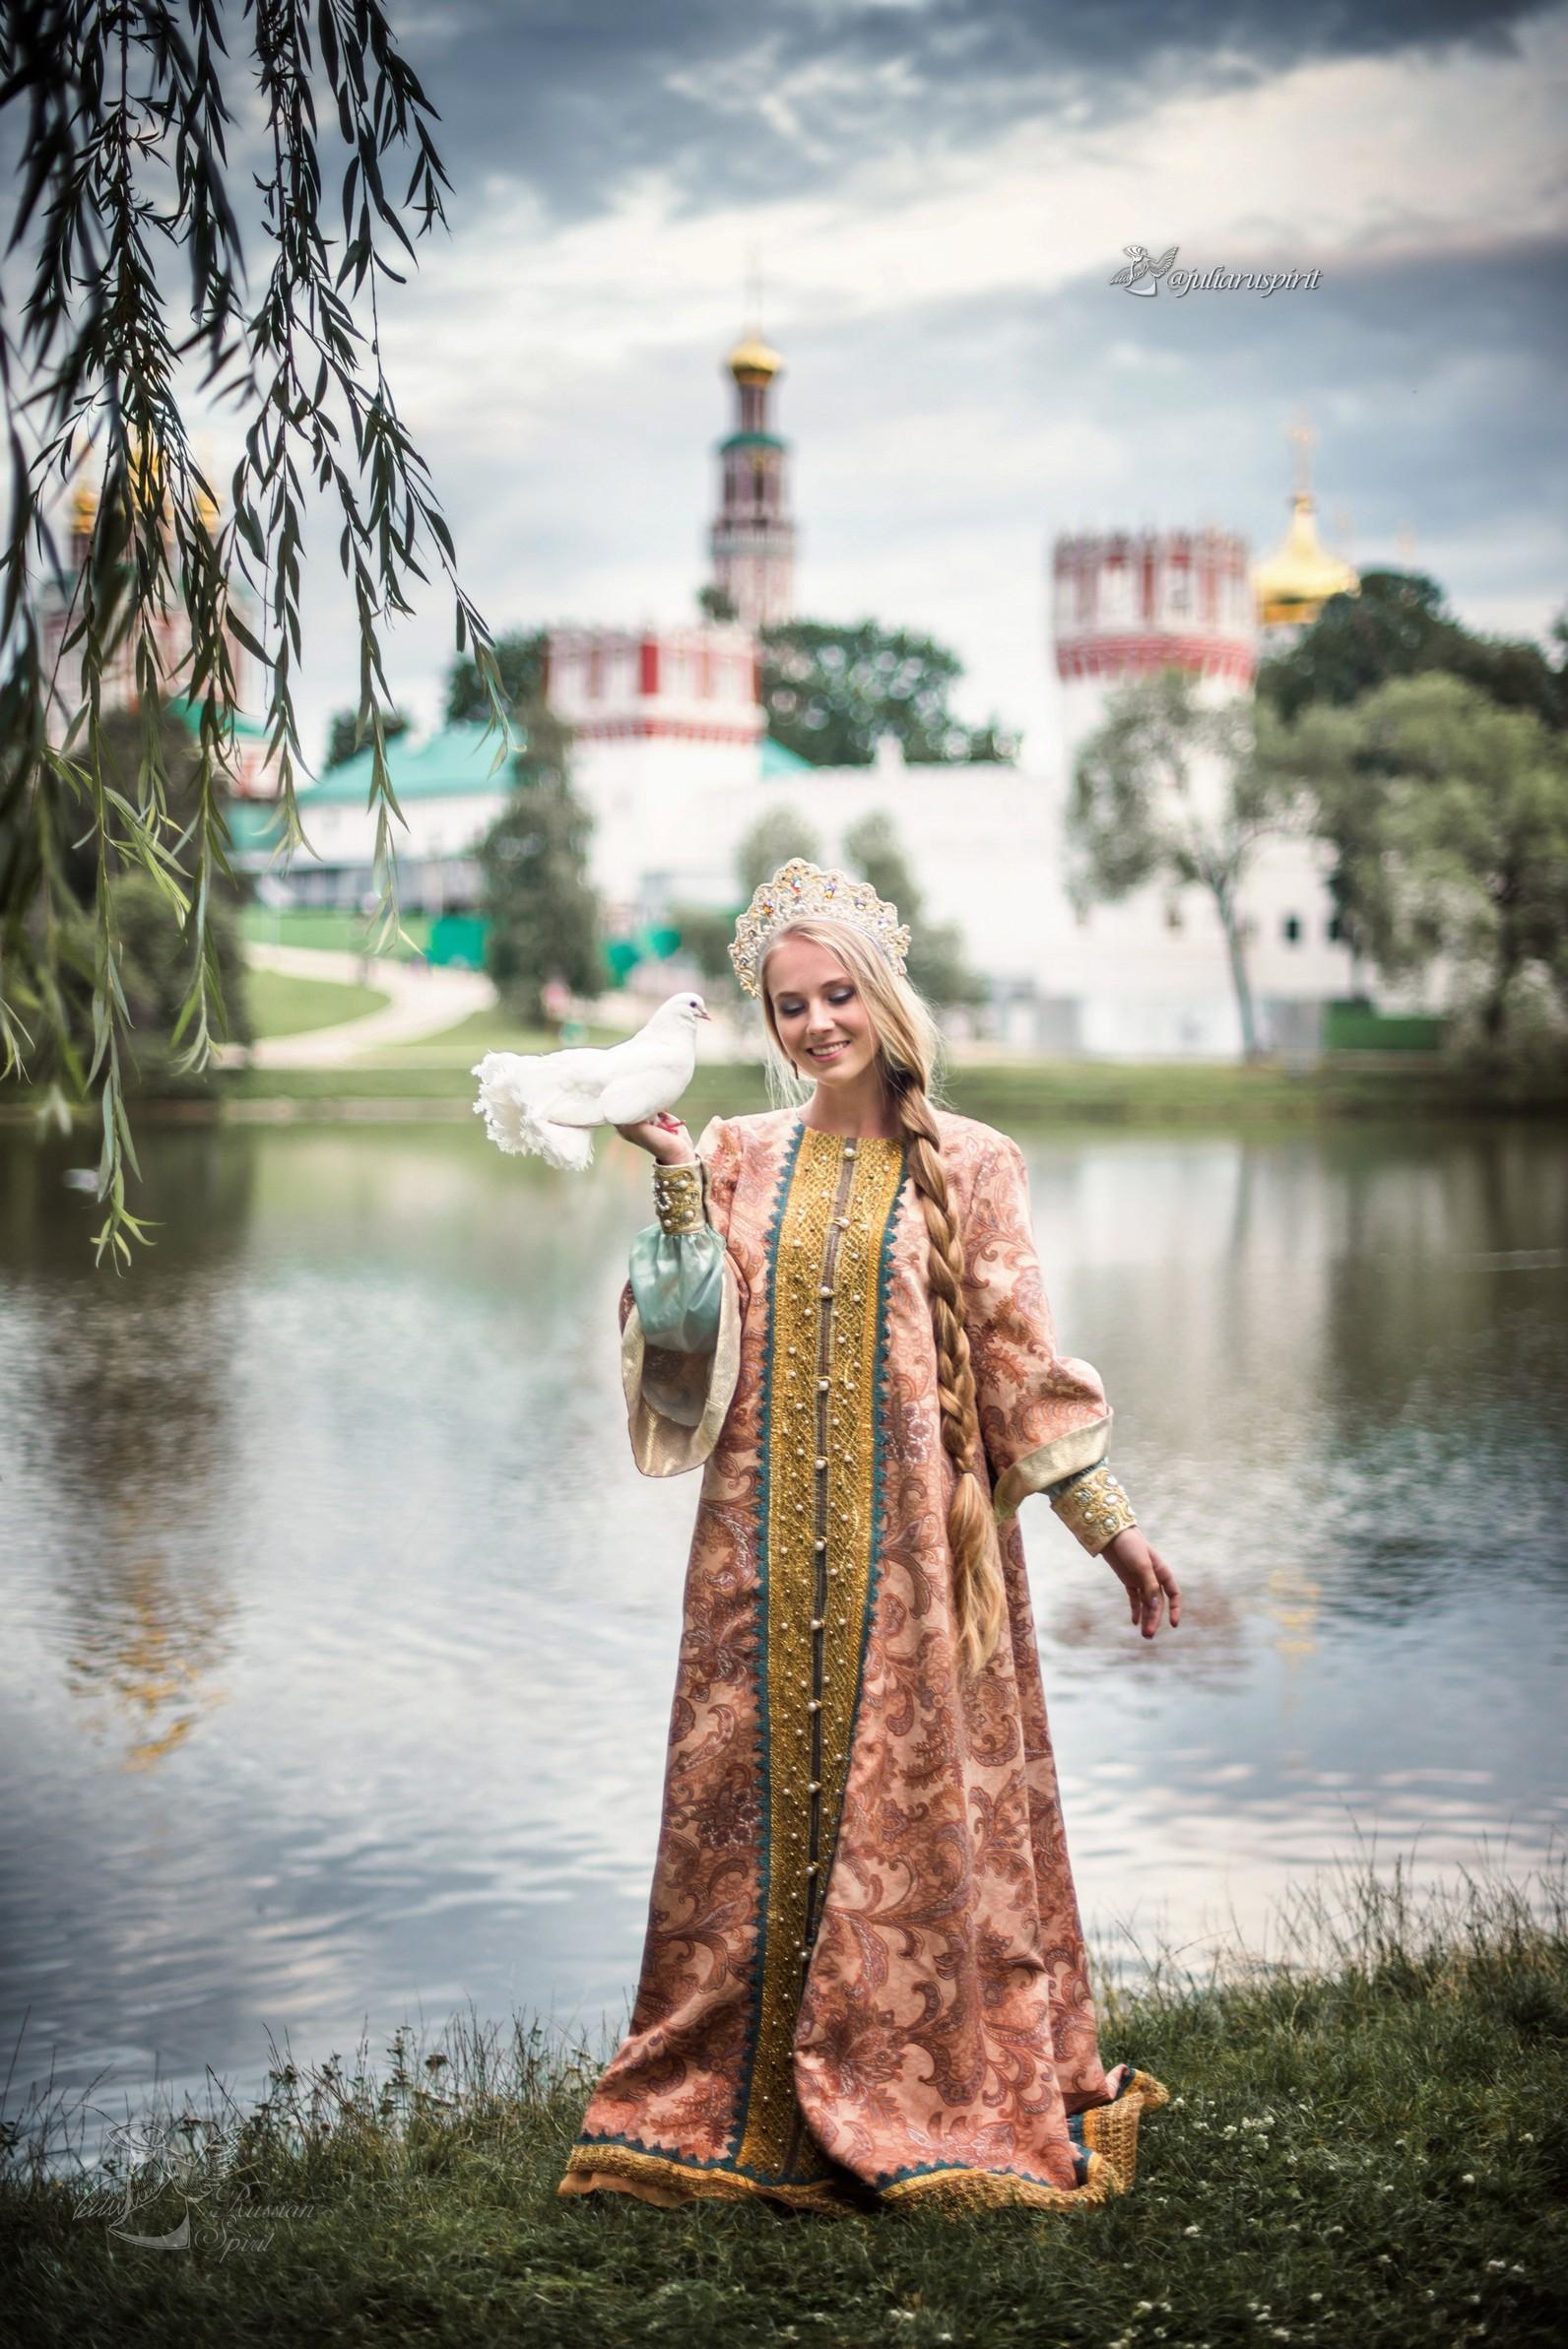 девушка  у пруда на фоне измайловского кремля в русском стиле с голубем